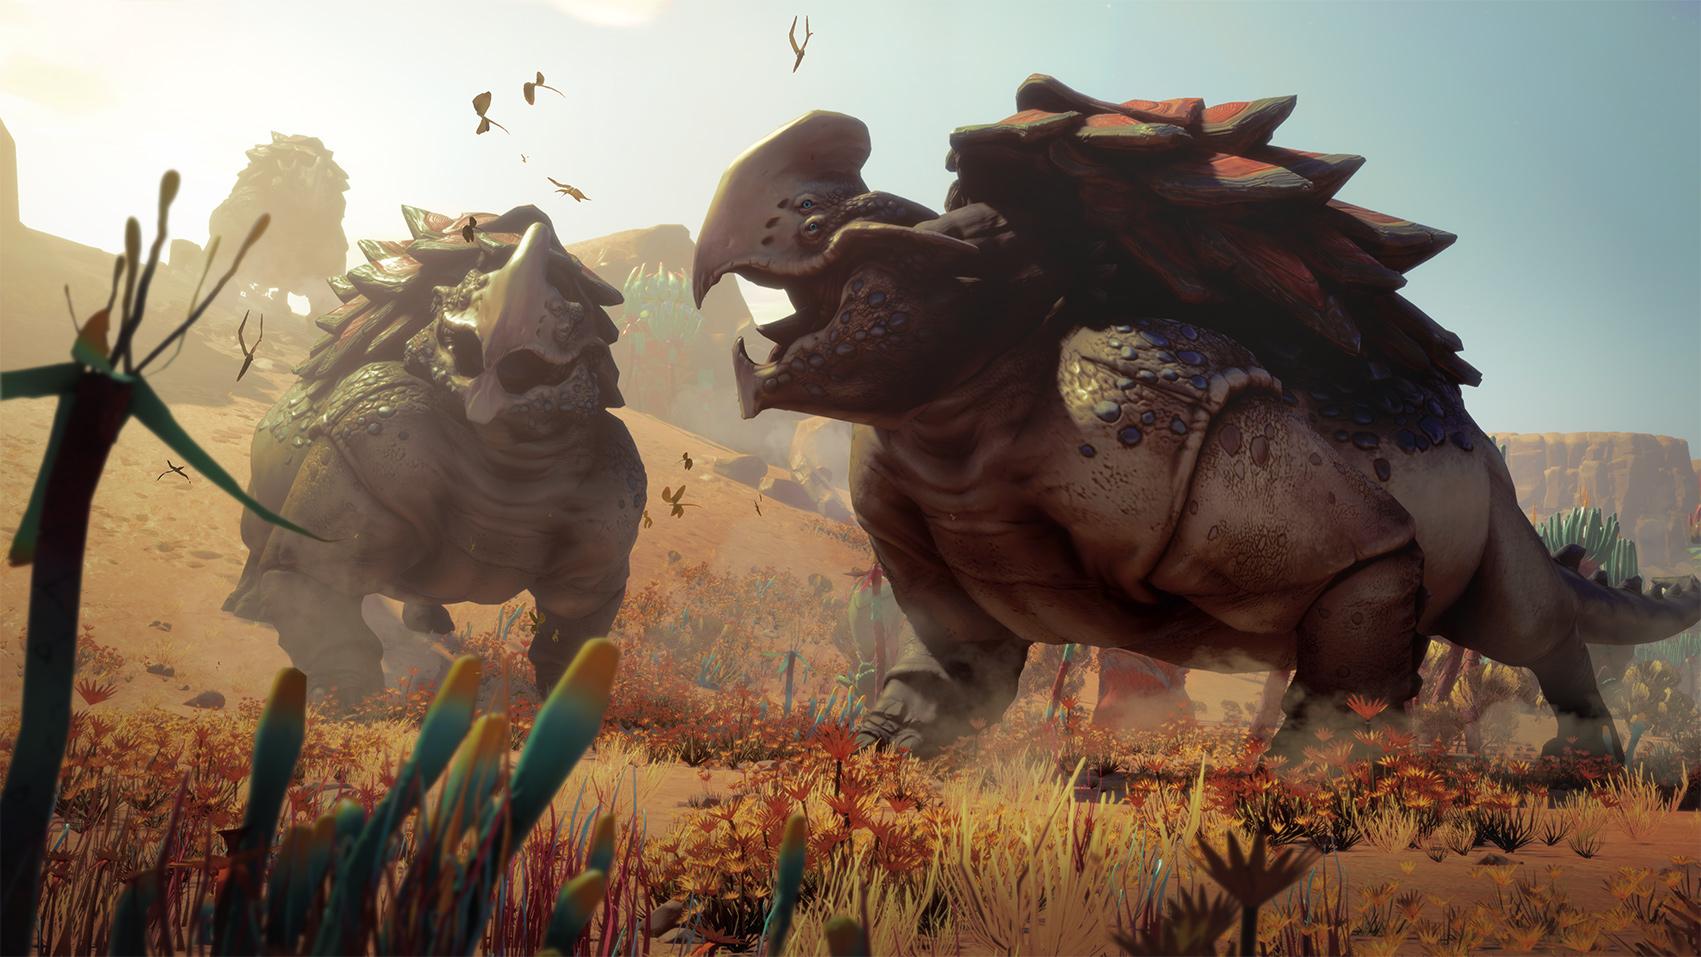 """Auch das Tierleben der fremdartigen Welten wirkt, als hätte man es aus """"No Man's Sky"""" importiert. Auch hier muss man mehrere Exemplare einer Spezies scannen, um etwas über sie zu erfahren"""